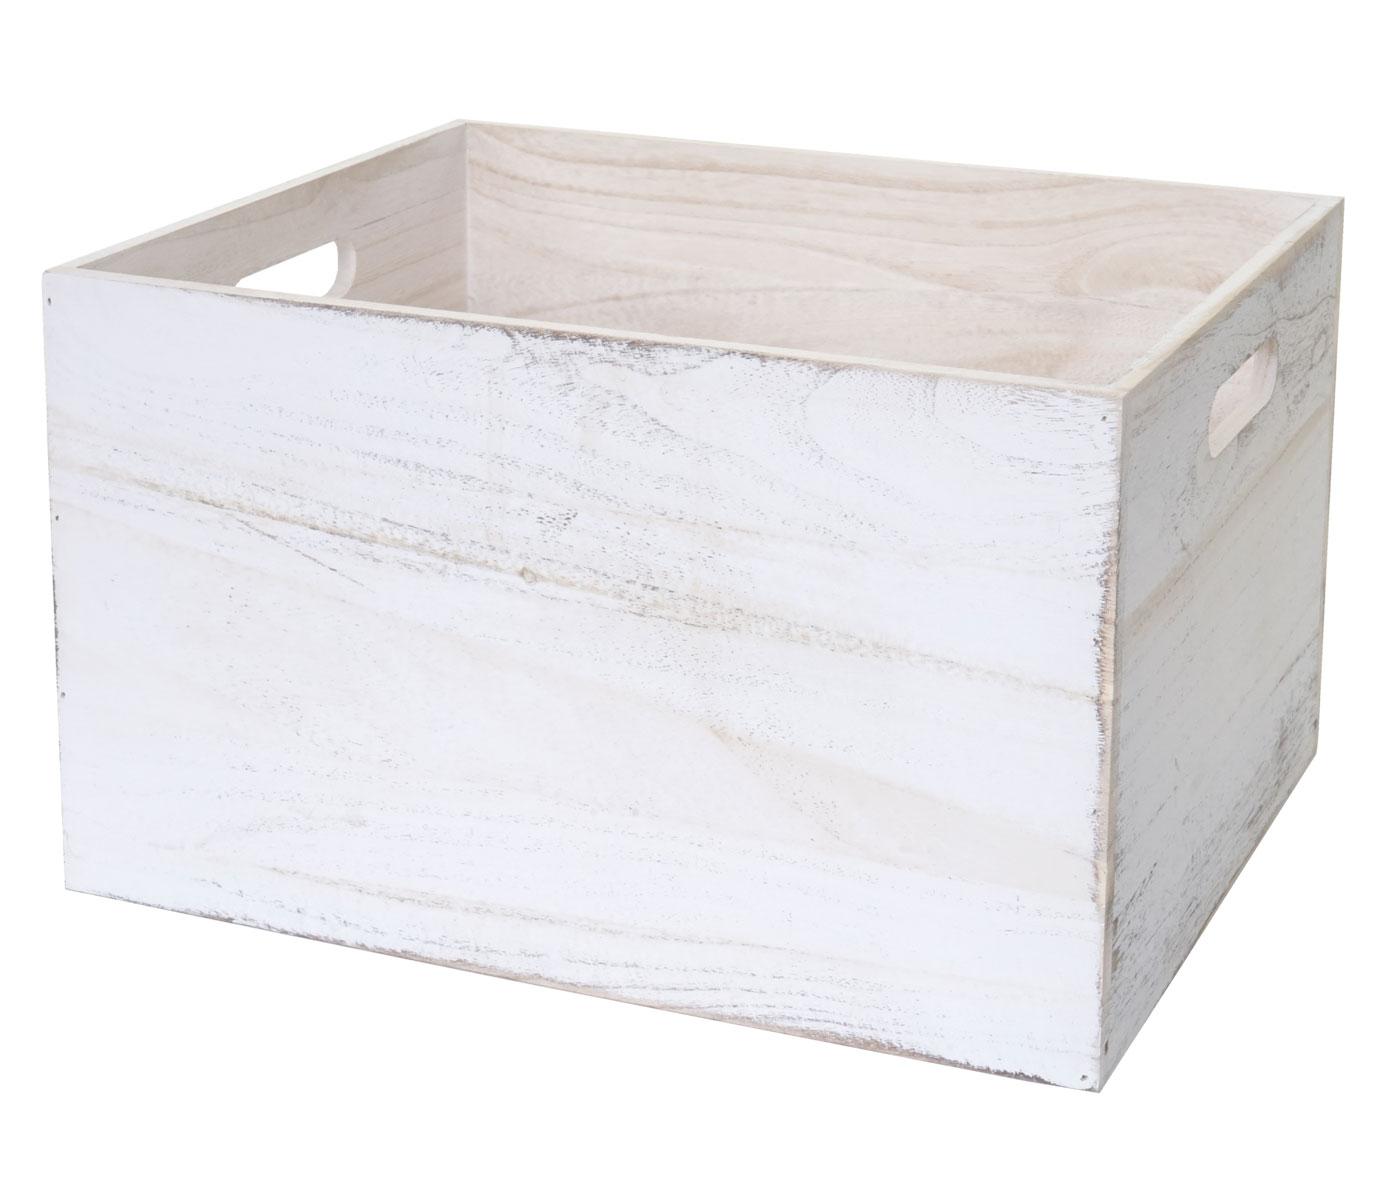 Box 40x30x24cm